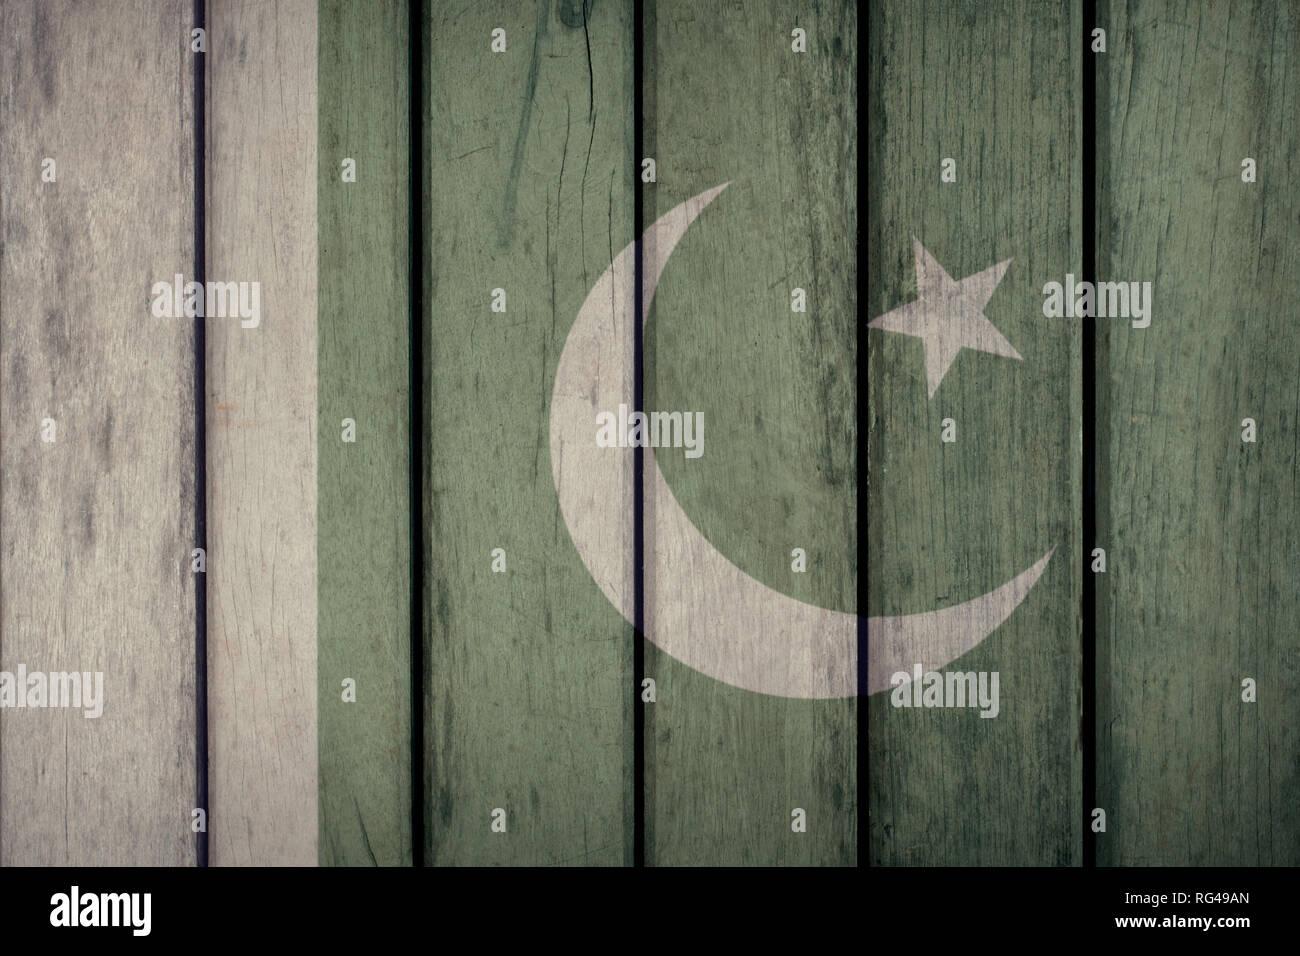 Il Pakistan politica News Concept: Bandiera pakistana recinzione di legno Immagini Stock